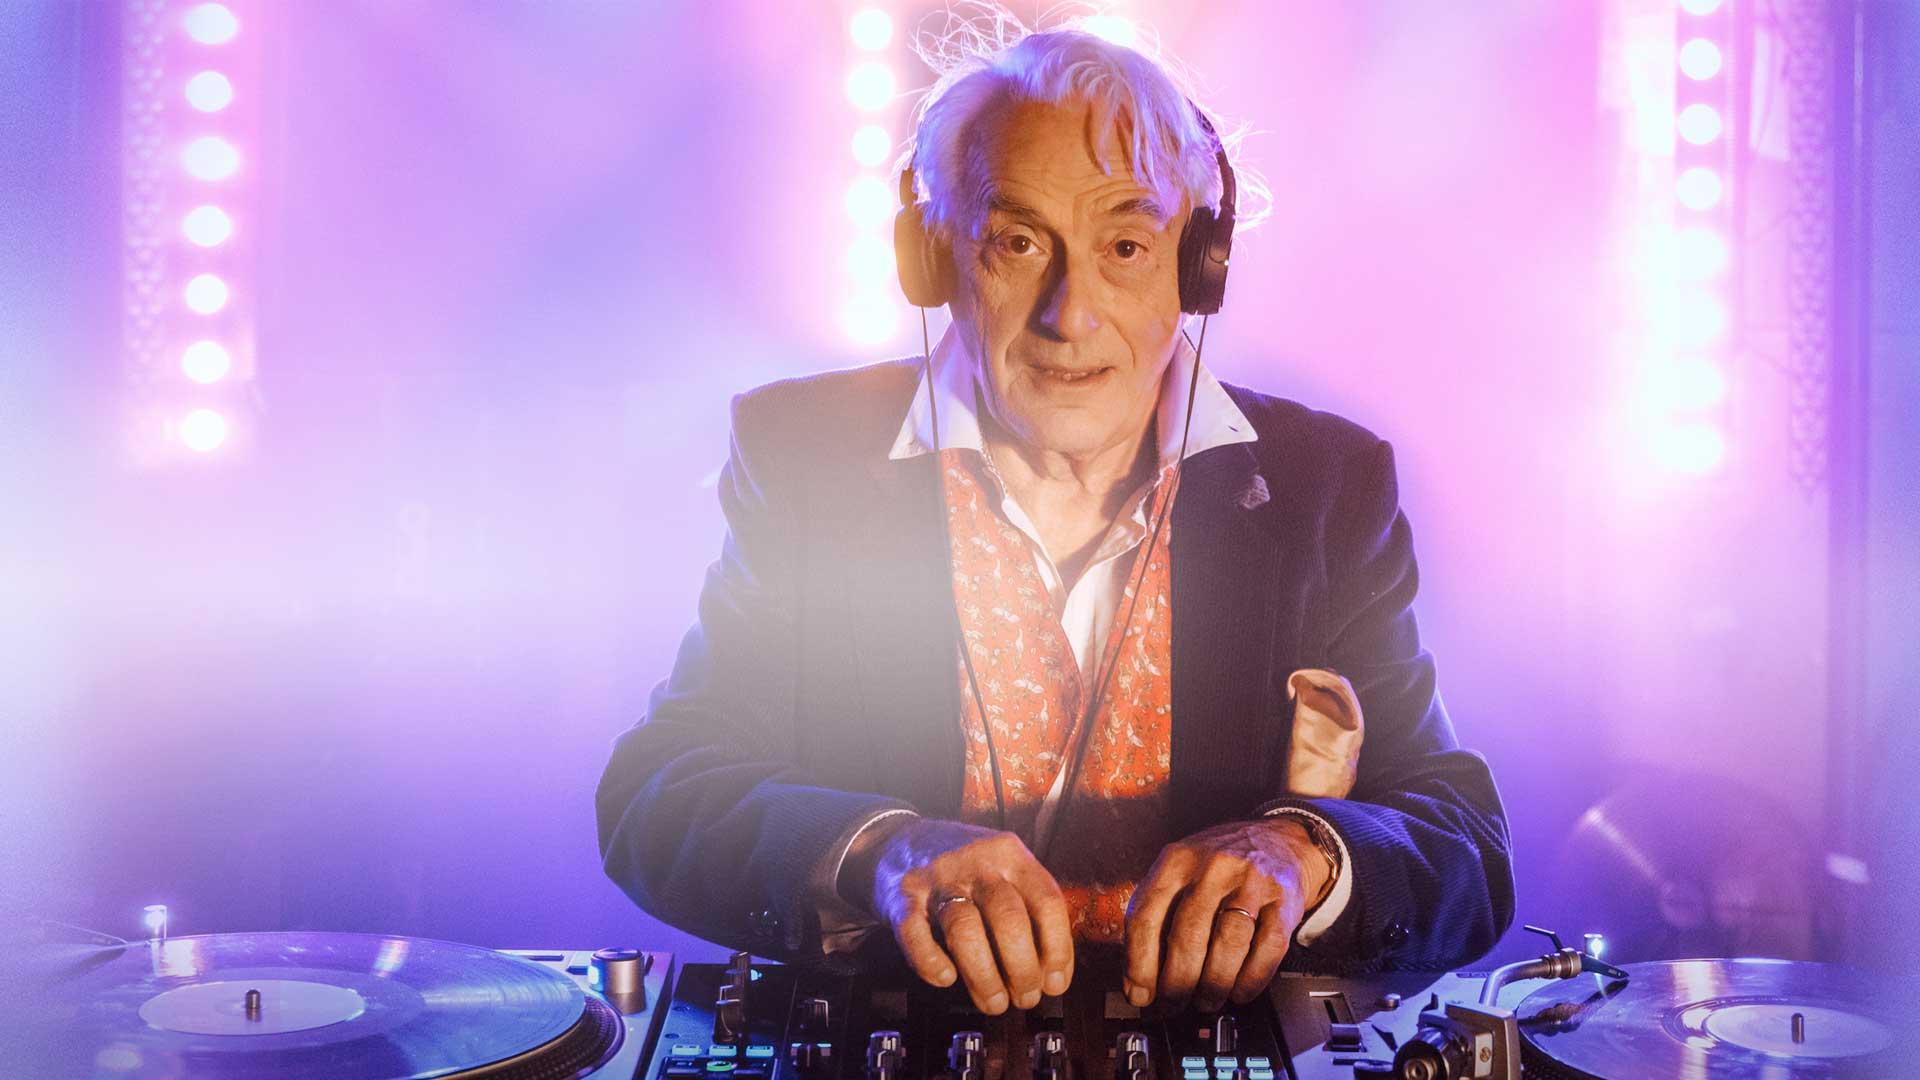 dj vieux personne âgée homme star musique mixage